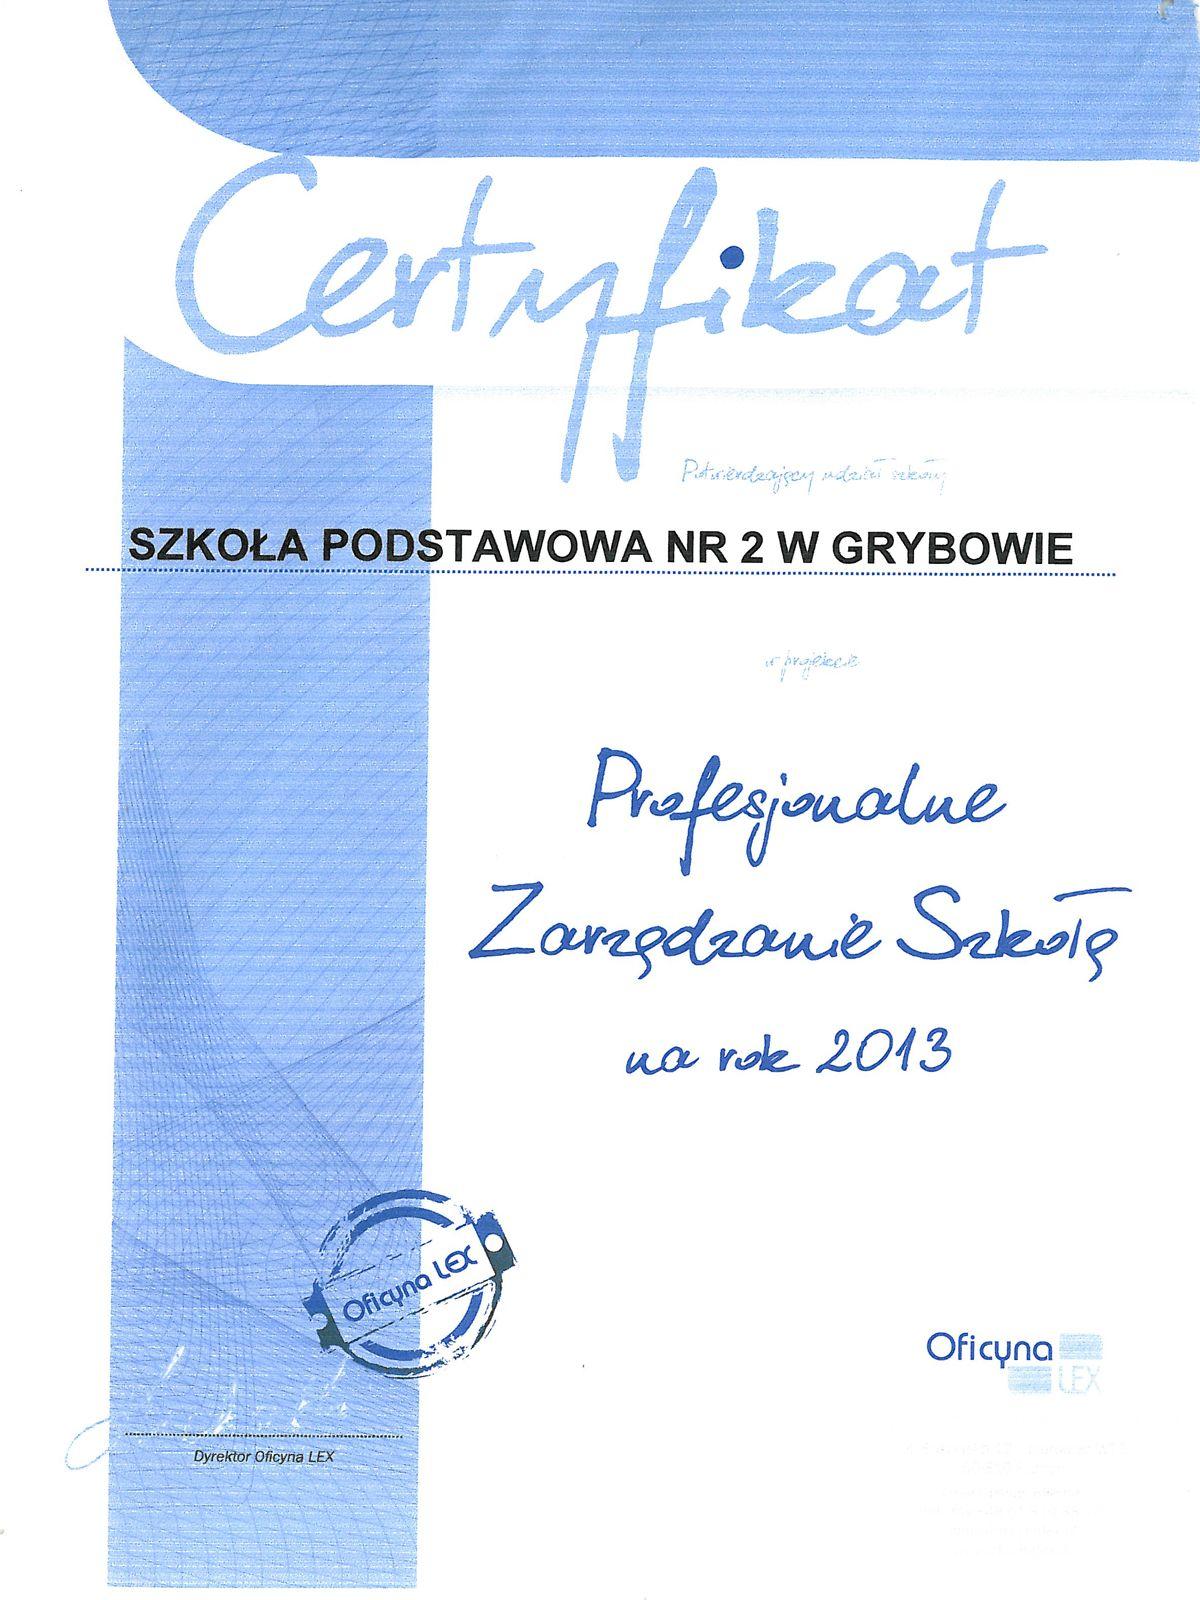 """Certyfikat """"Profesjonalne zarządzanie szkołą"""""""